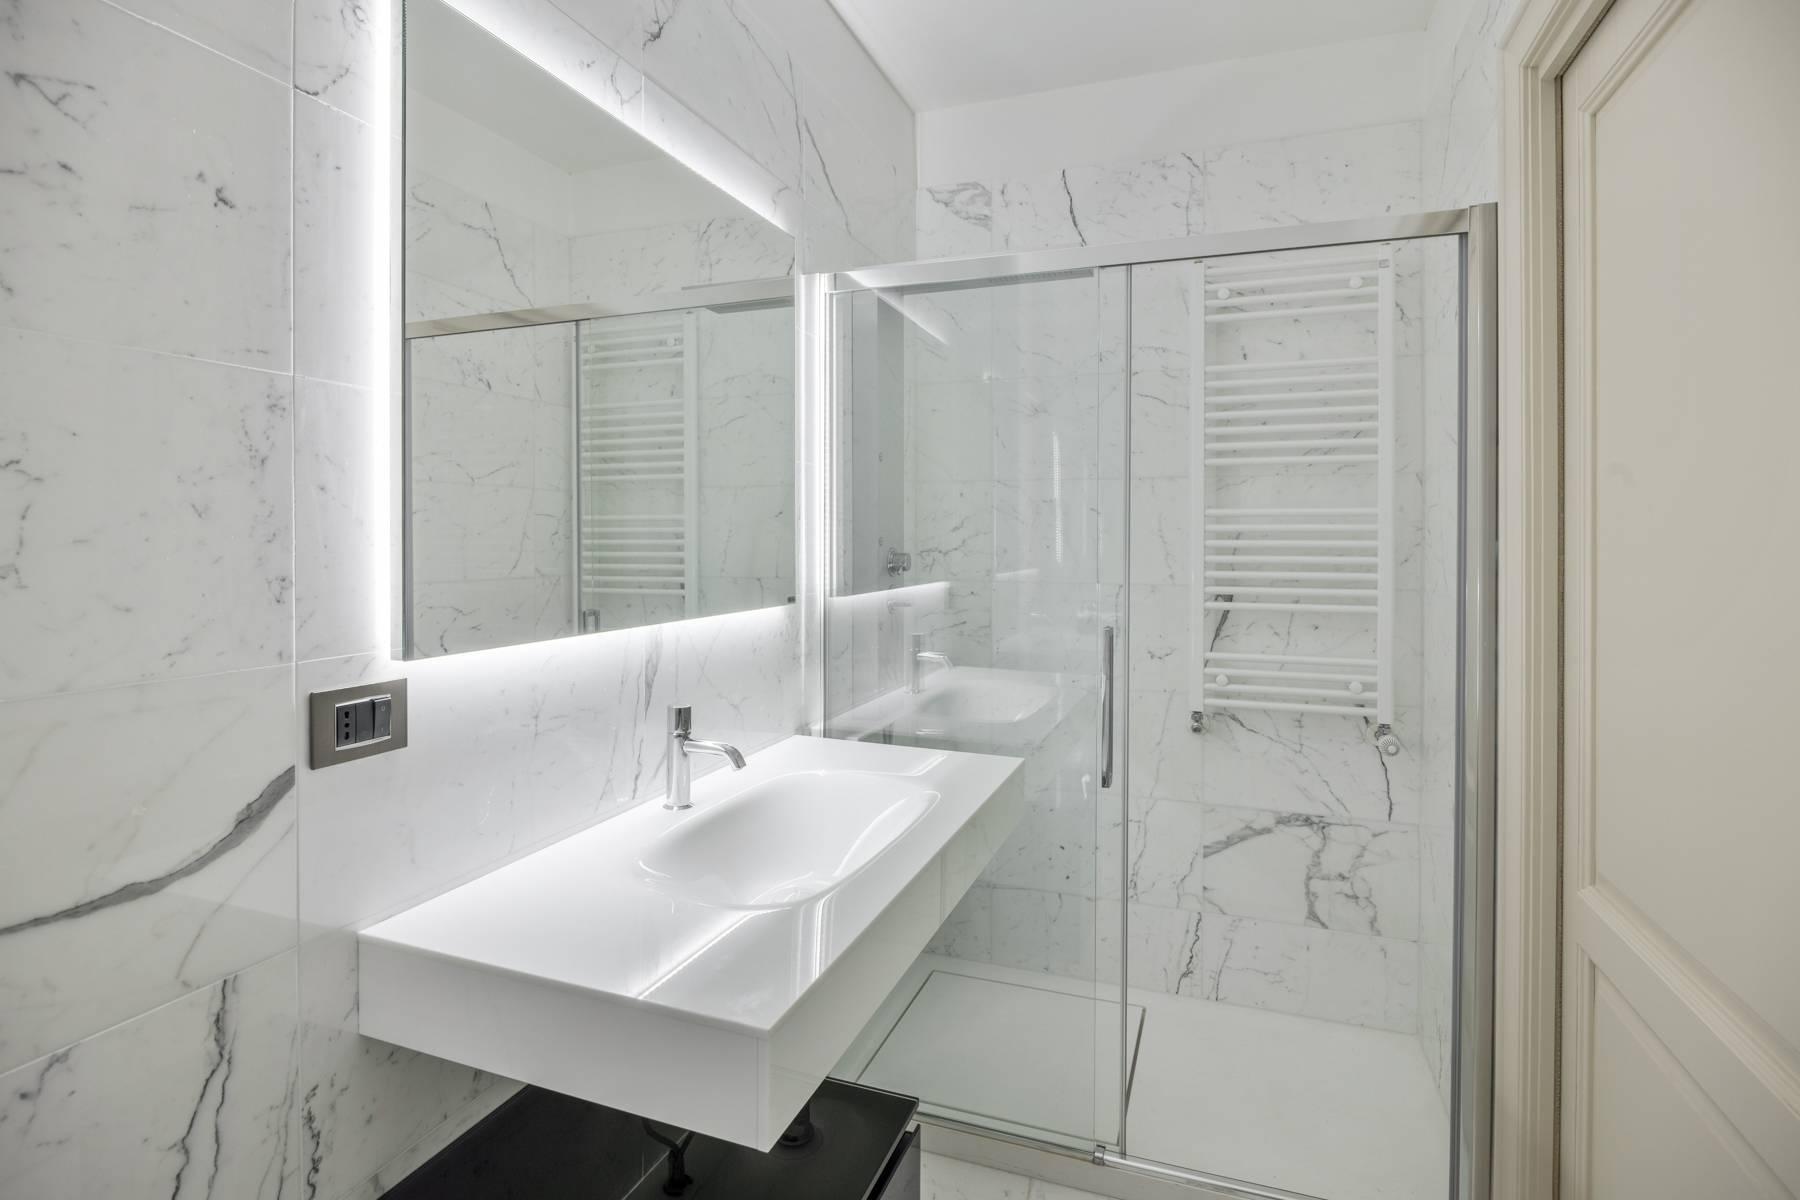 Appartamento in Vendita a Torino: 3 locali, 89 mq - Foto 3